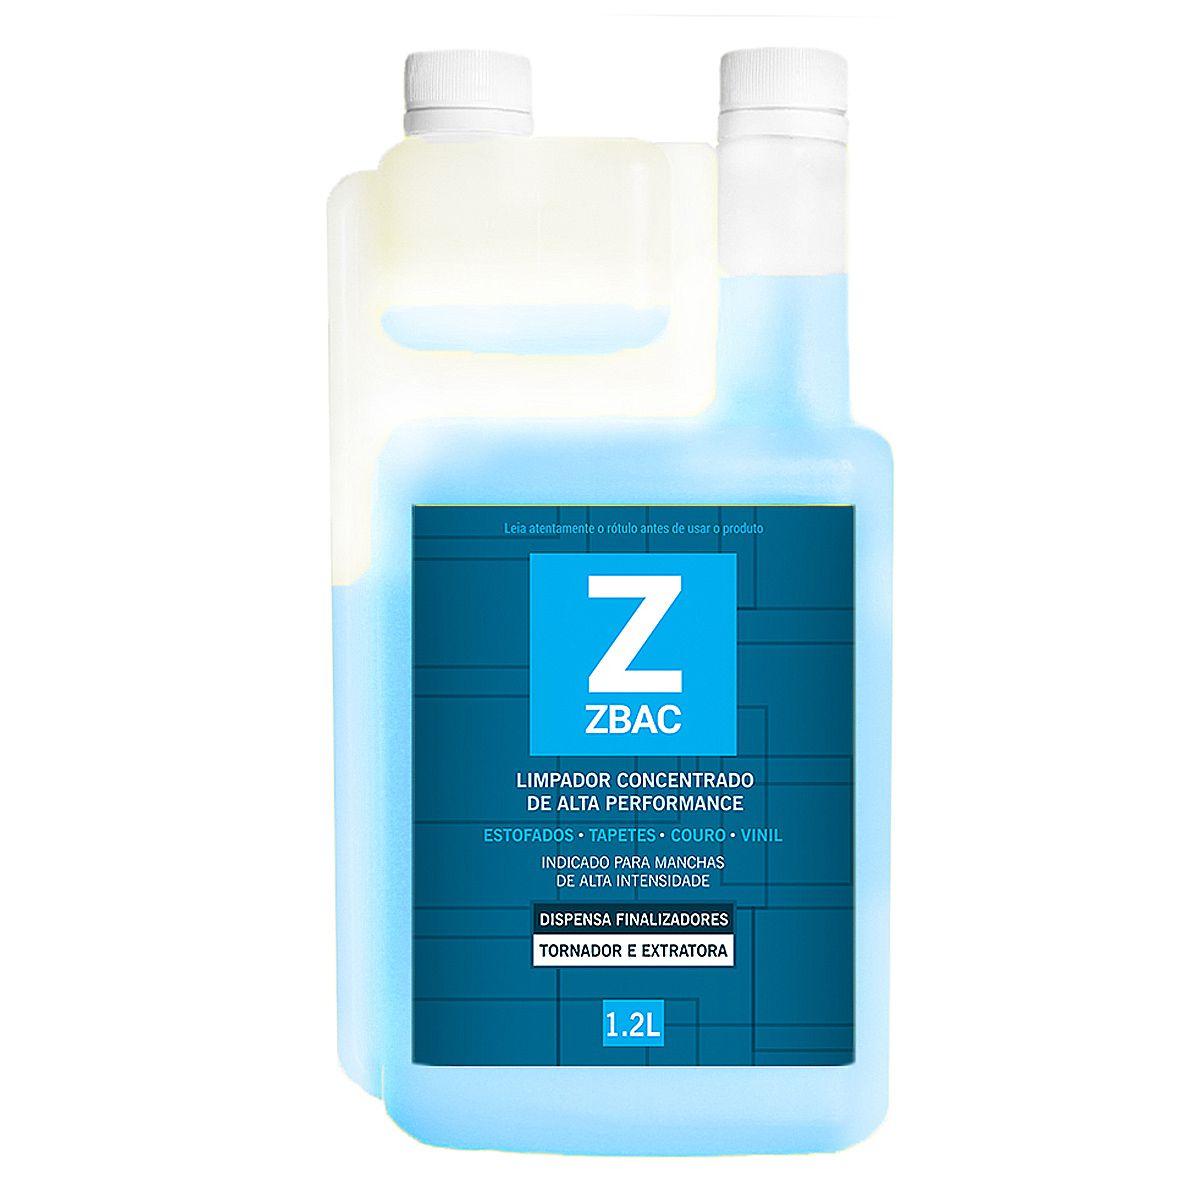 Limpador Concentrado Zbac 1200ml EasyTech